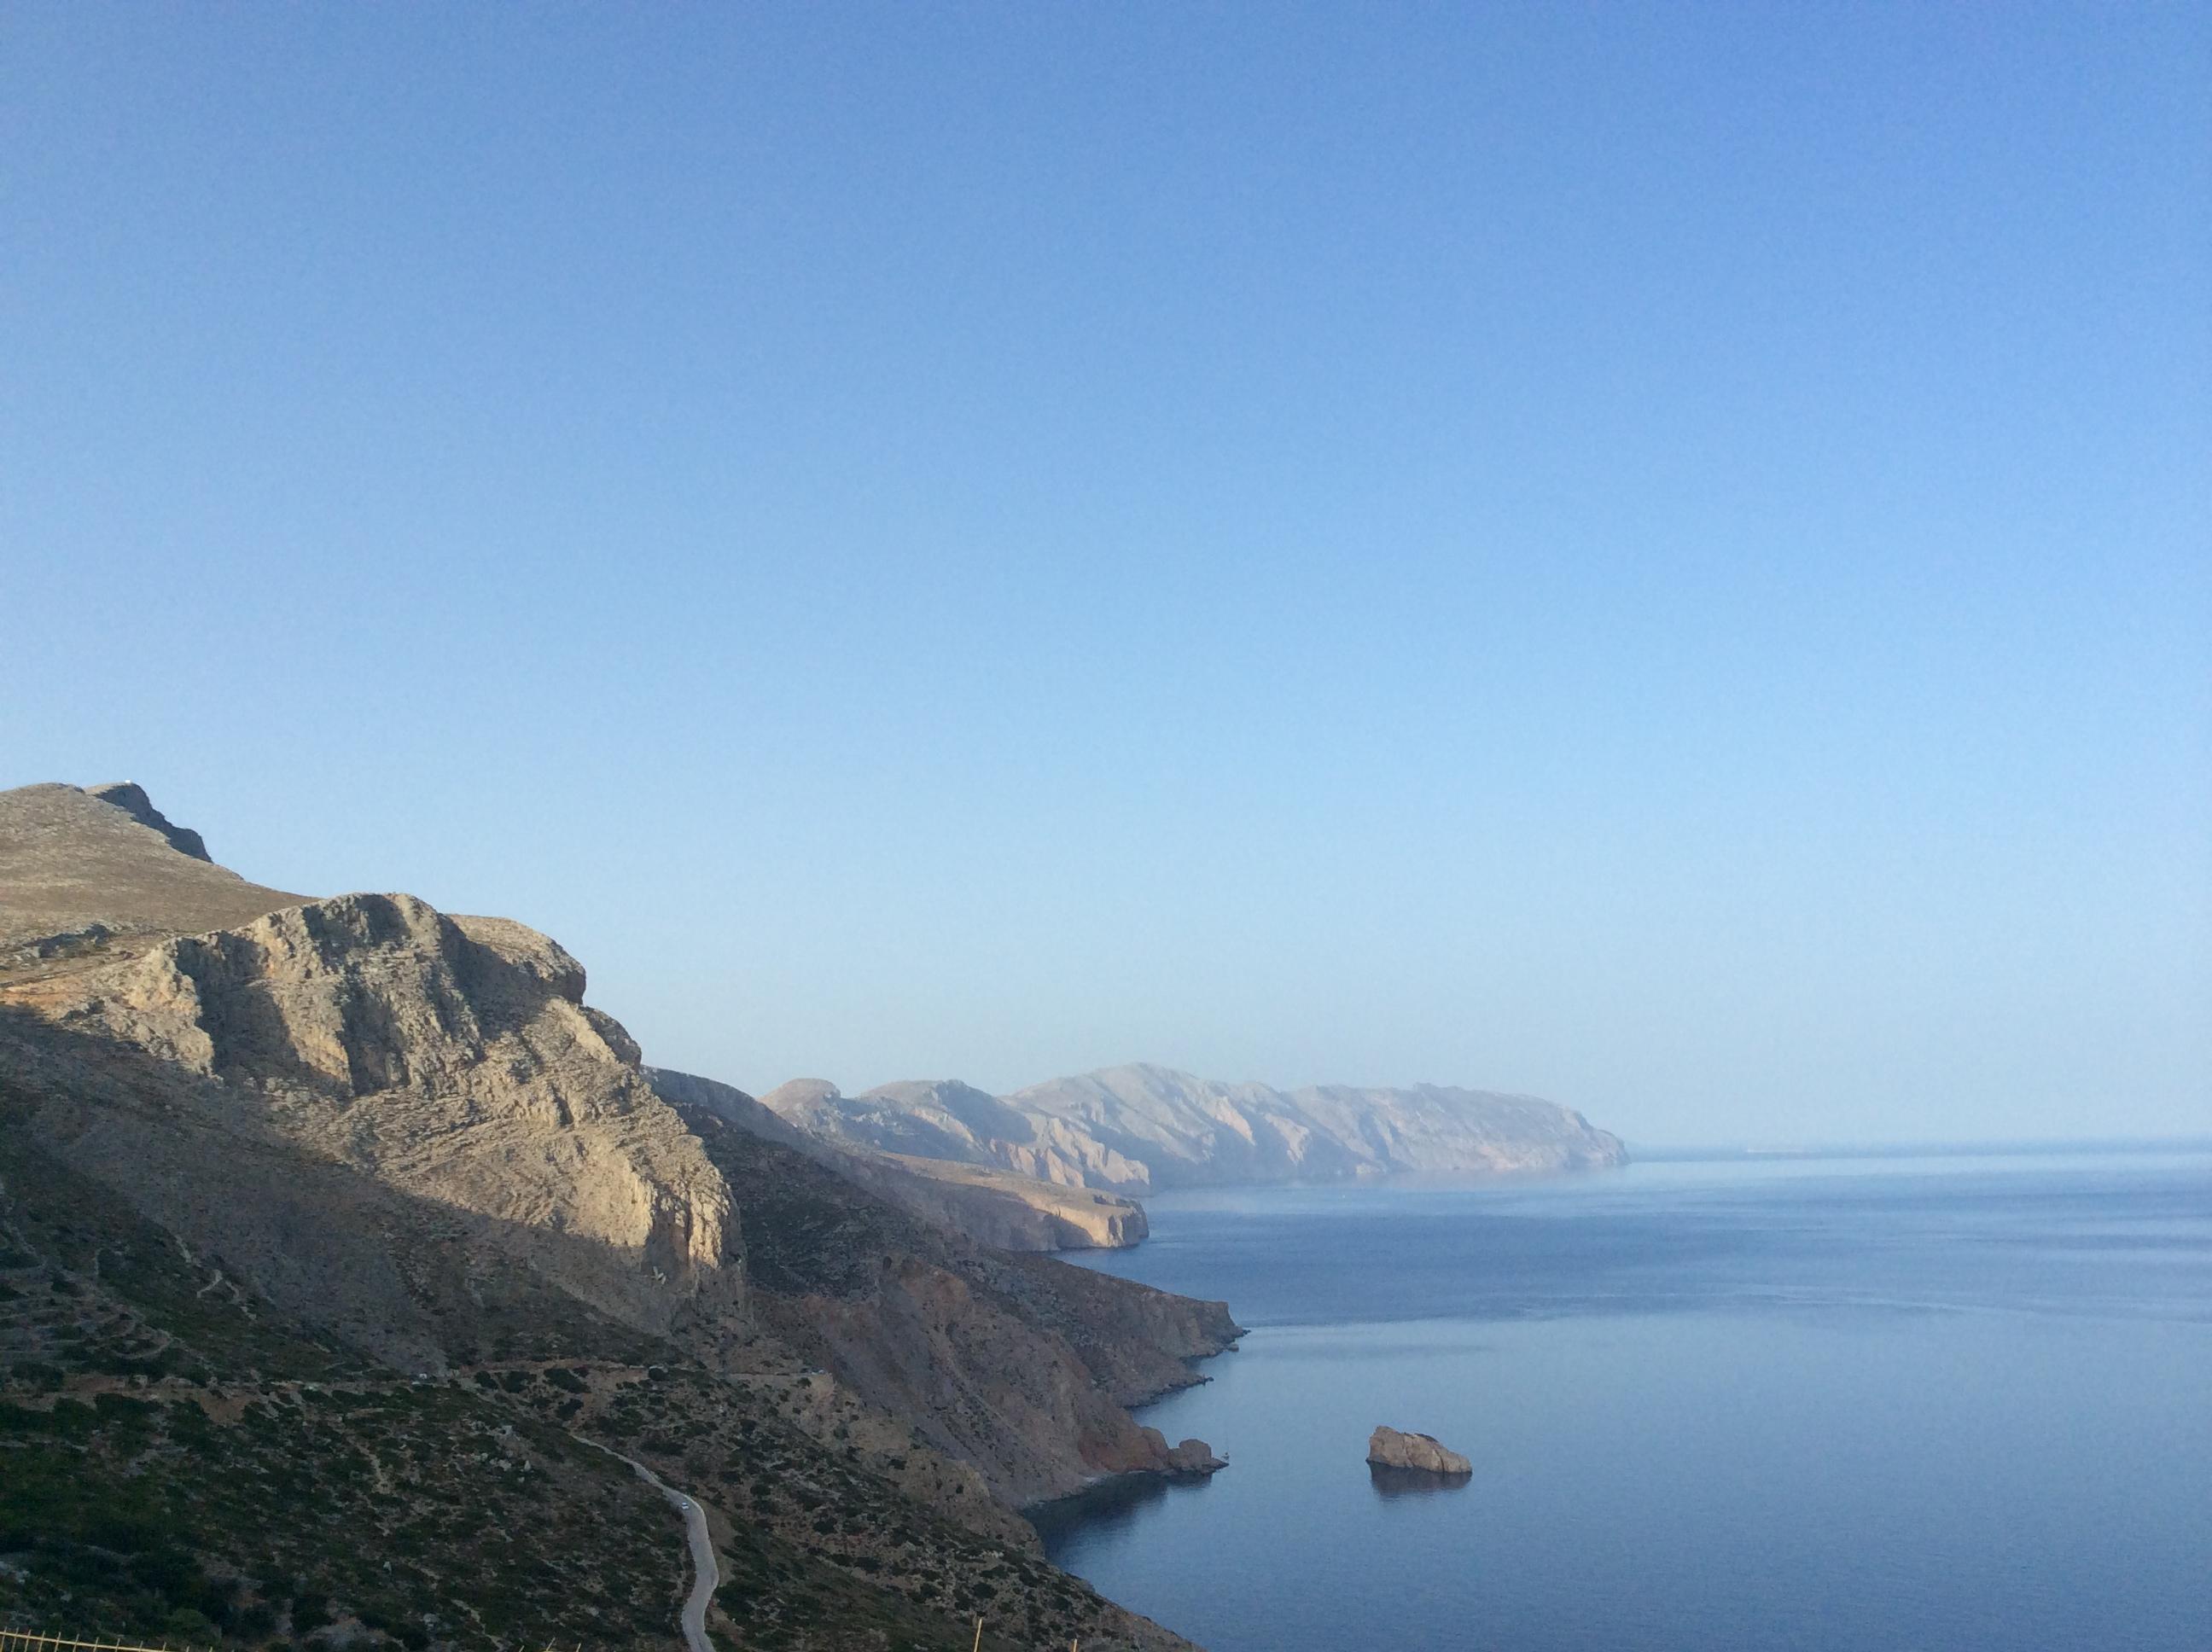 Panoramaaufnahme einer Griechischen Felsküste, die in strahlendem Sonnenschein liegt